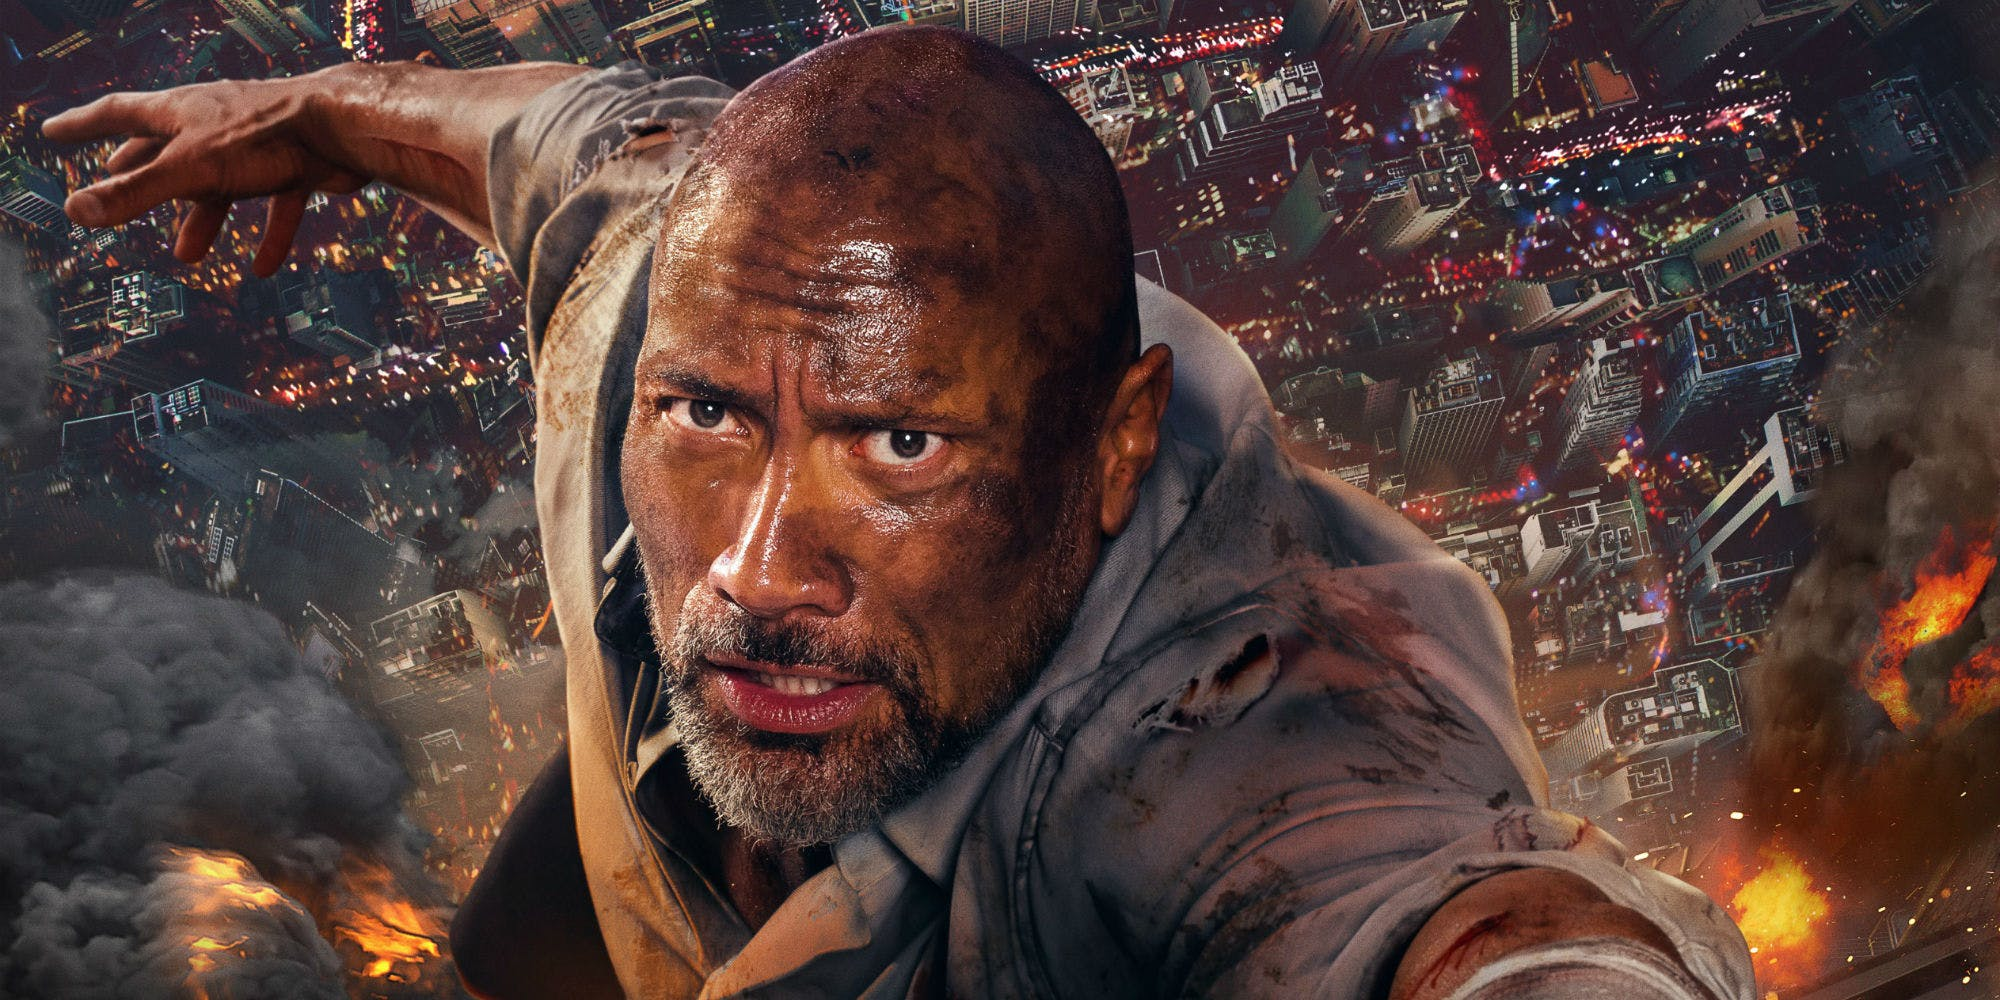 نقد فیلم Skyscraper: فیلم جدید دوین جانسون (راک)